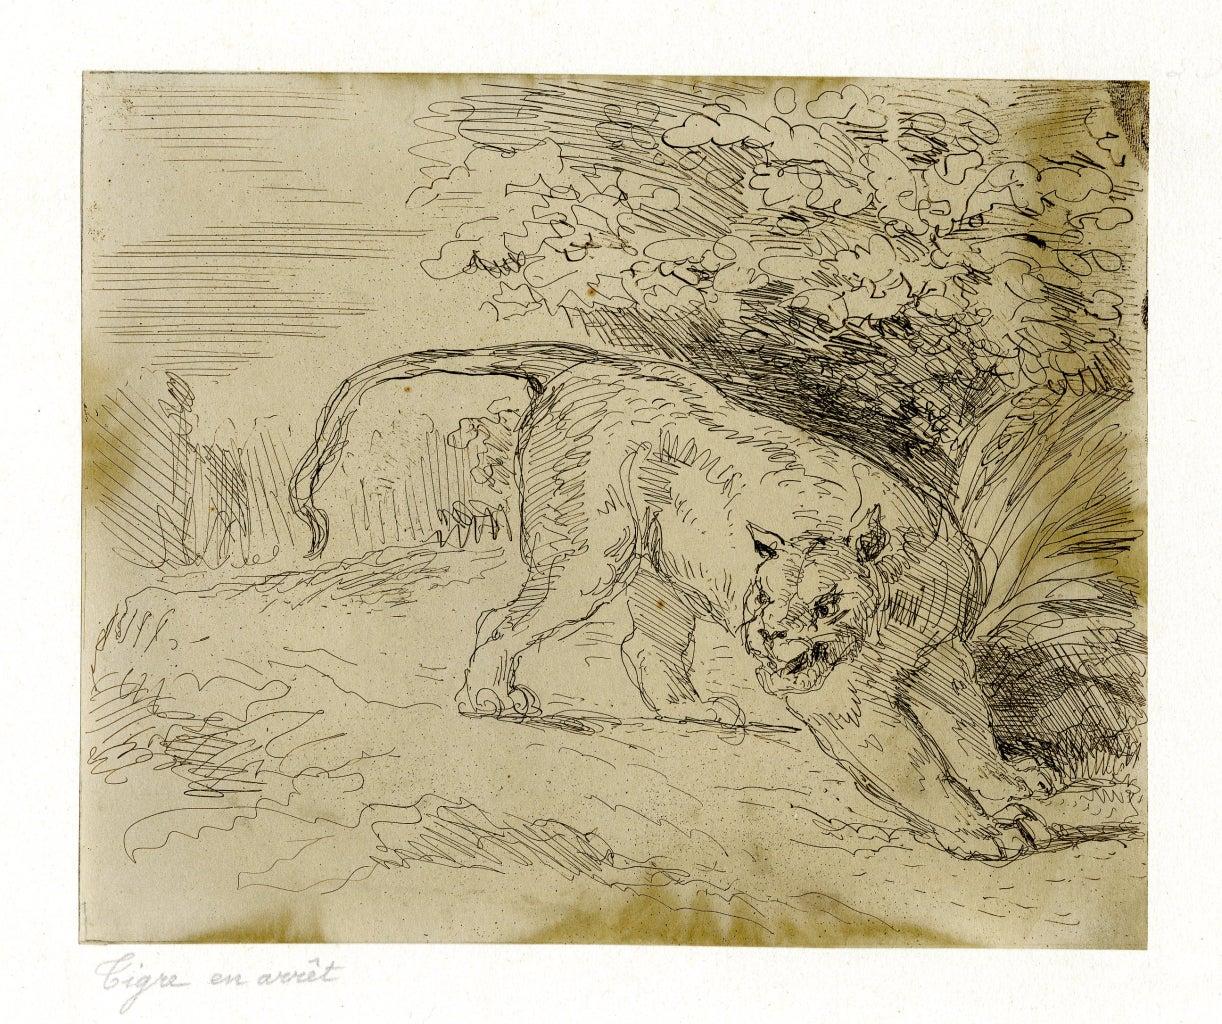 Tigre en arret